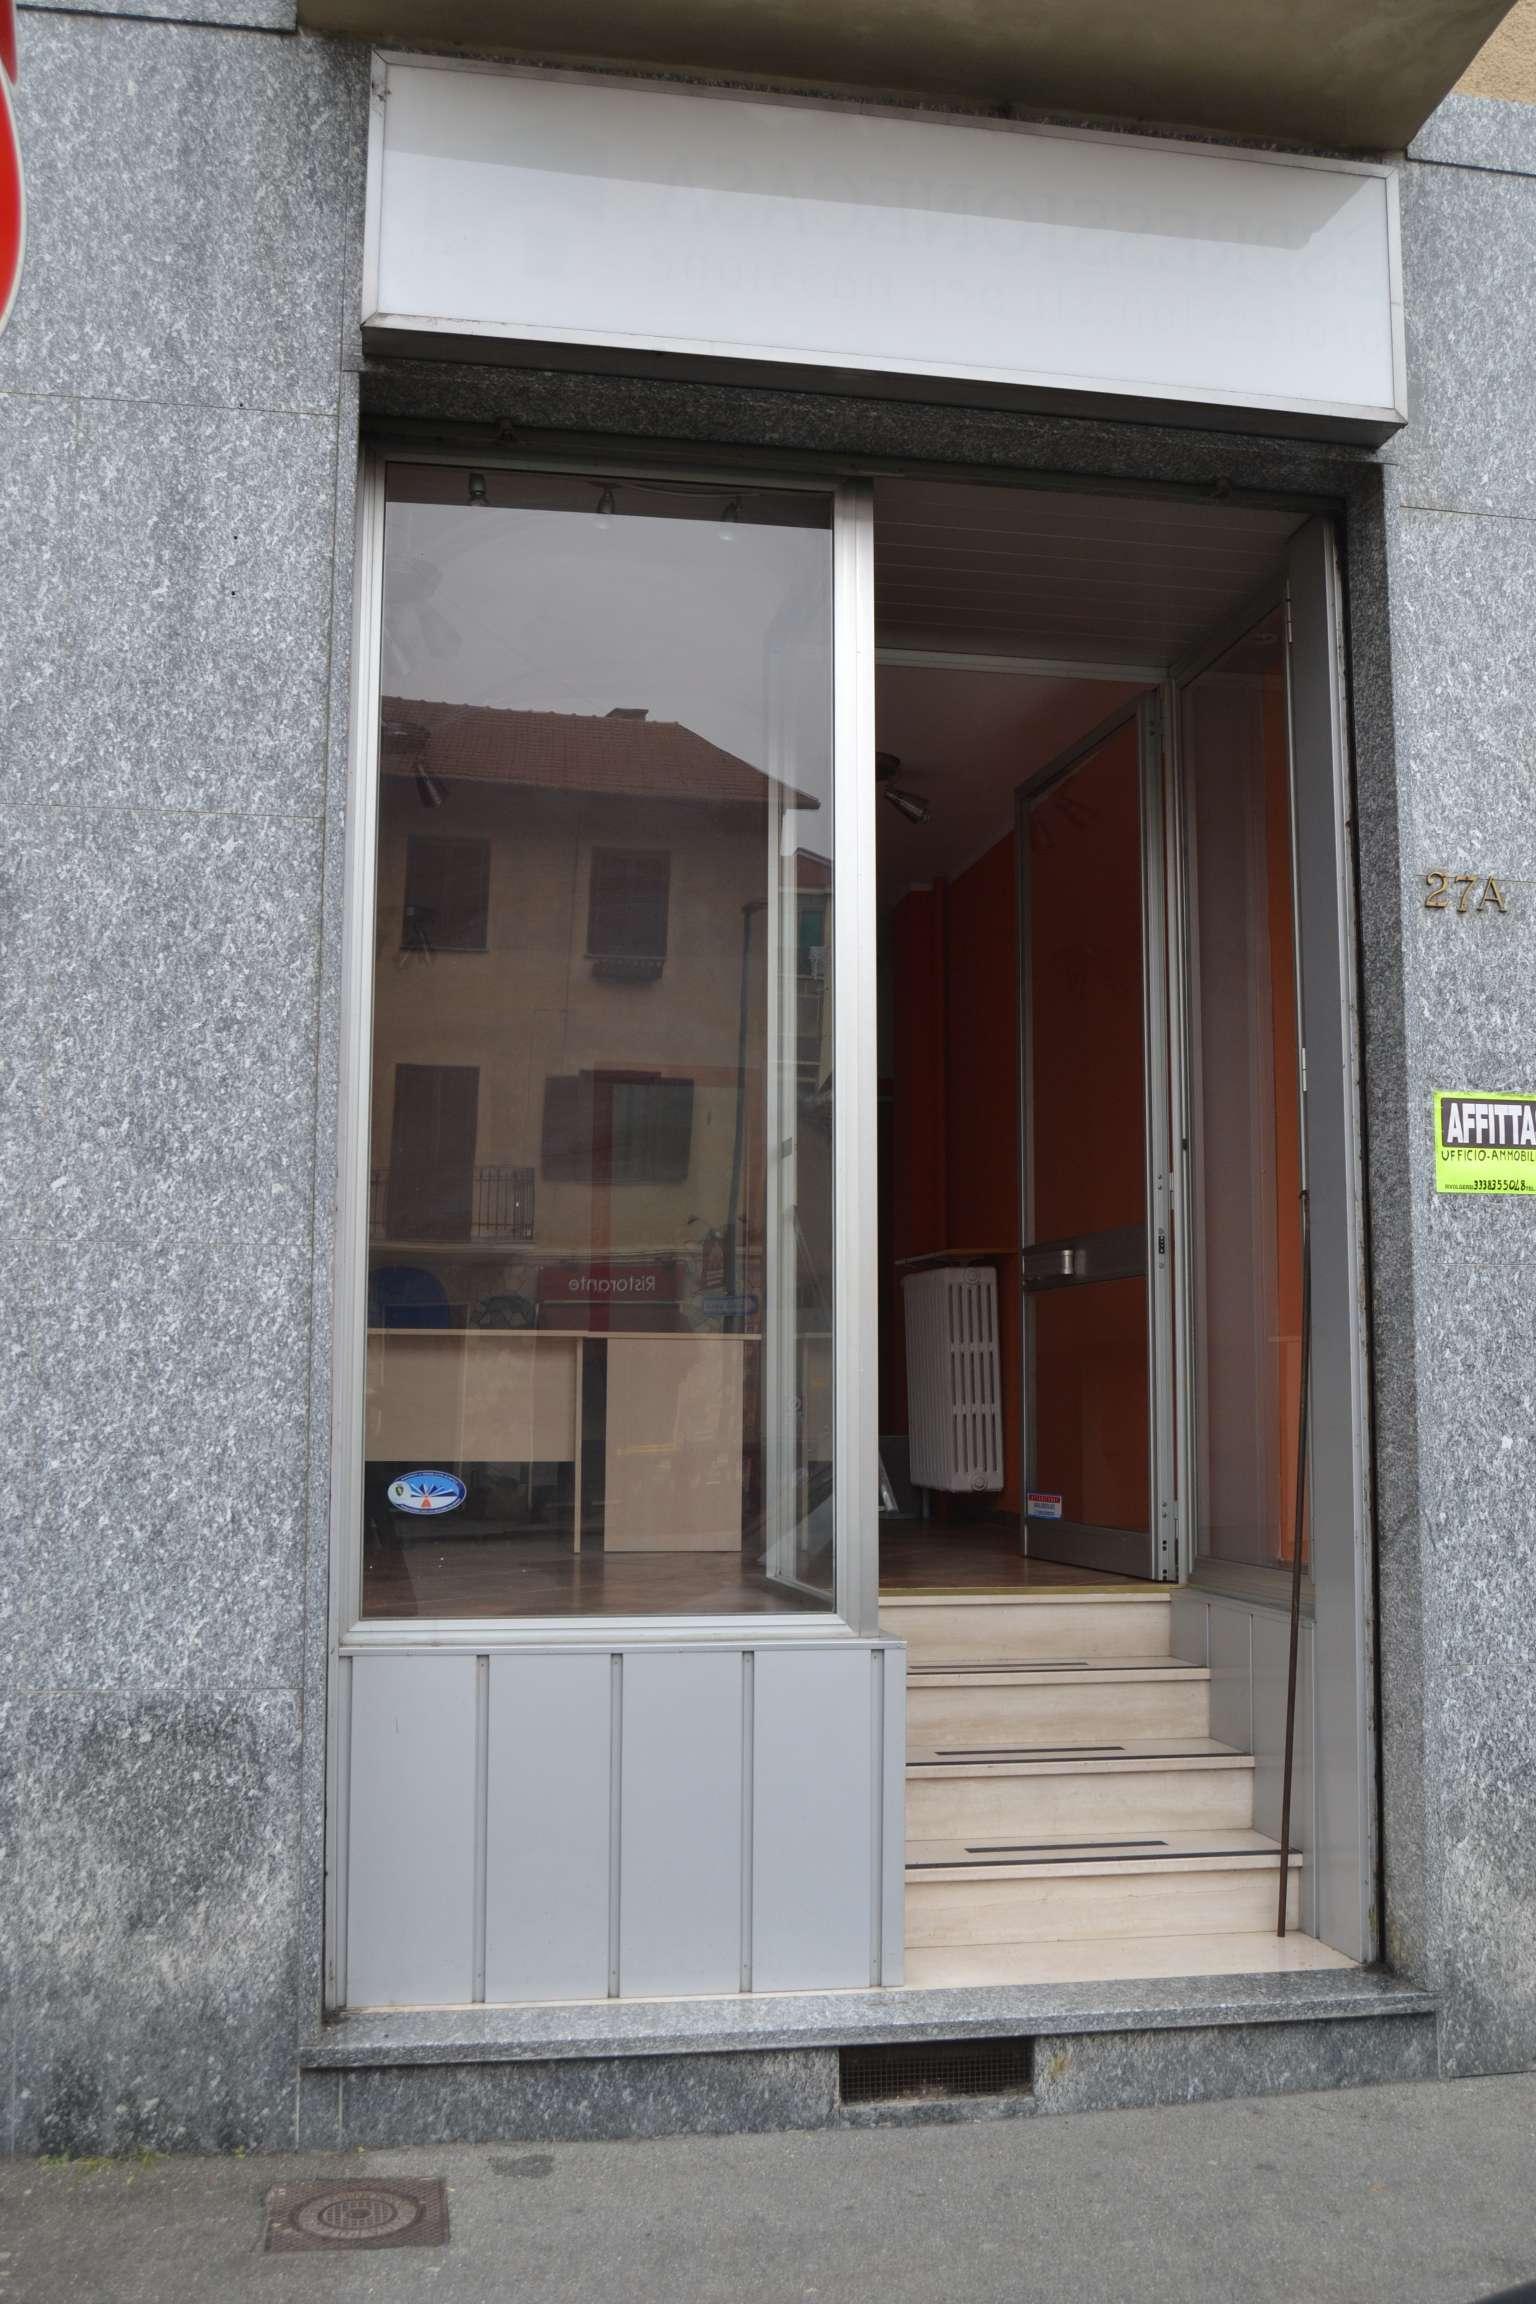 Ufficio in affitto Zona Parella, Pozzo Strada - largo Luca della Robbia 27 A Torino